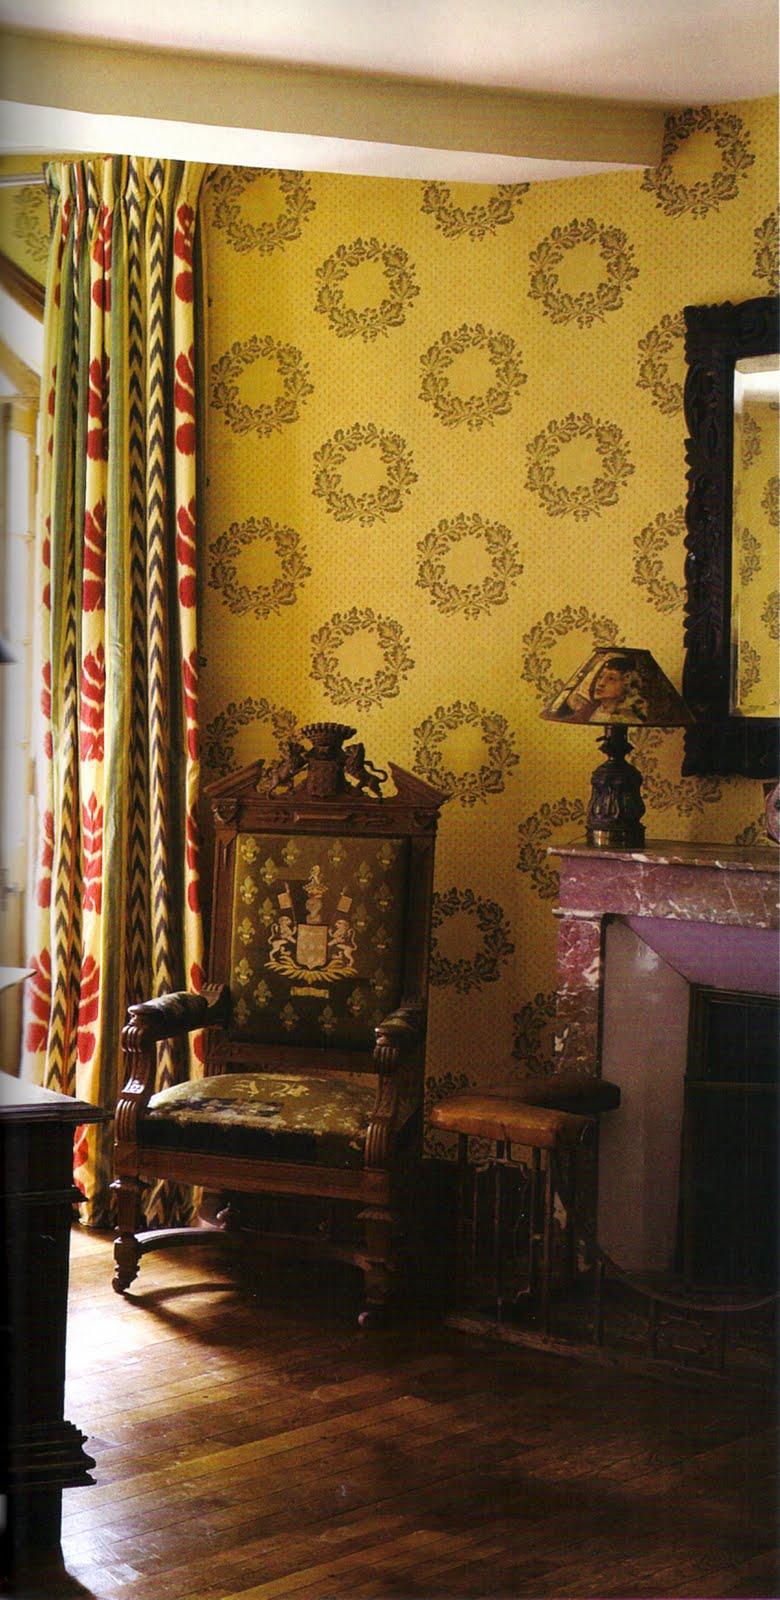 Us Interior Designs Jacques Grange: US Interior Designs: TINO ZERVUDACHI